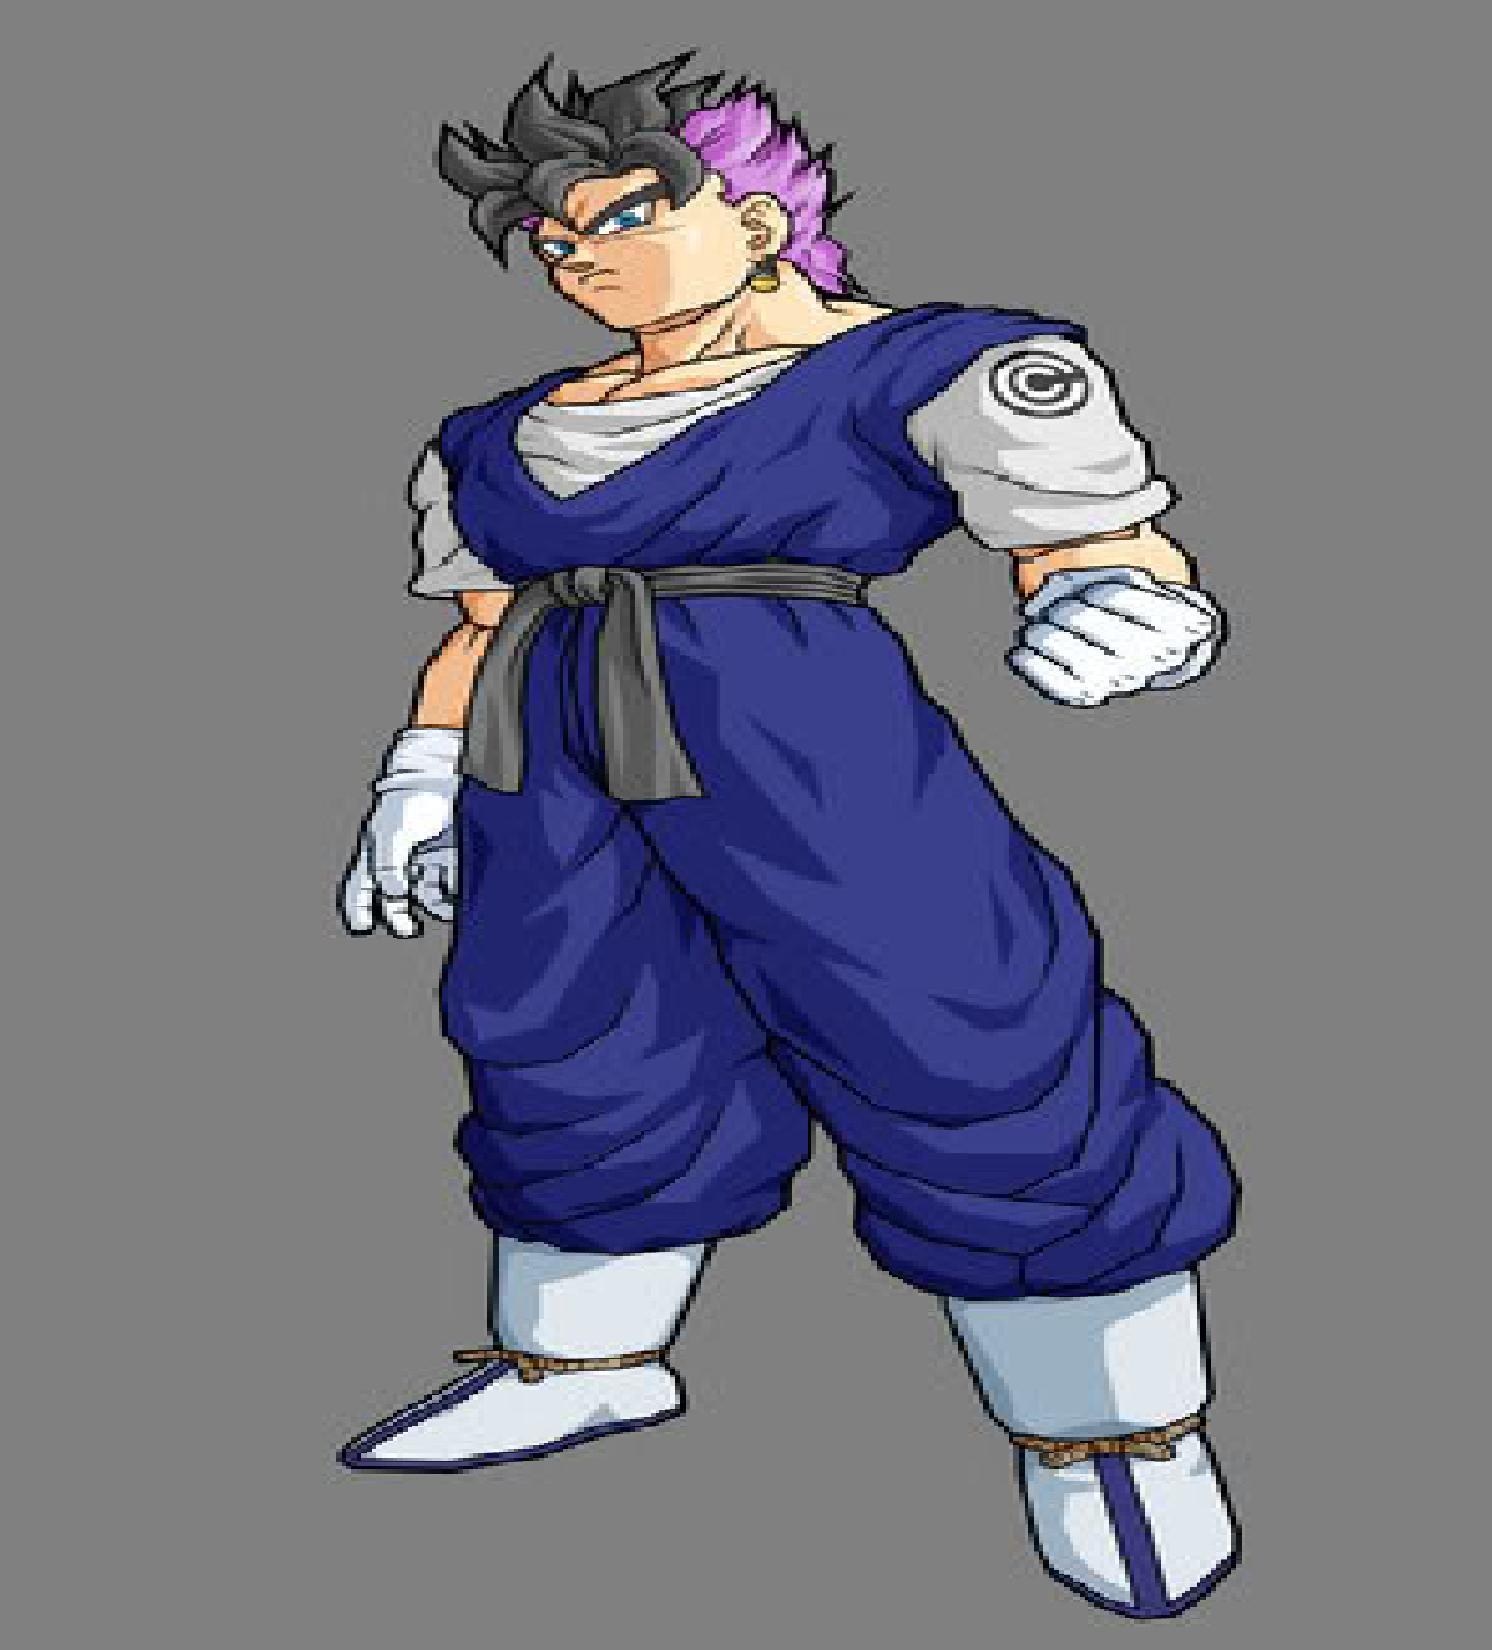 Image - Gohan and Future Trunks fusion.jpg   Dragonball ... Gohan And Vegeta Fusion